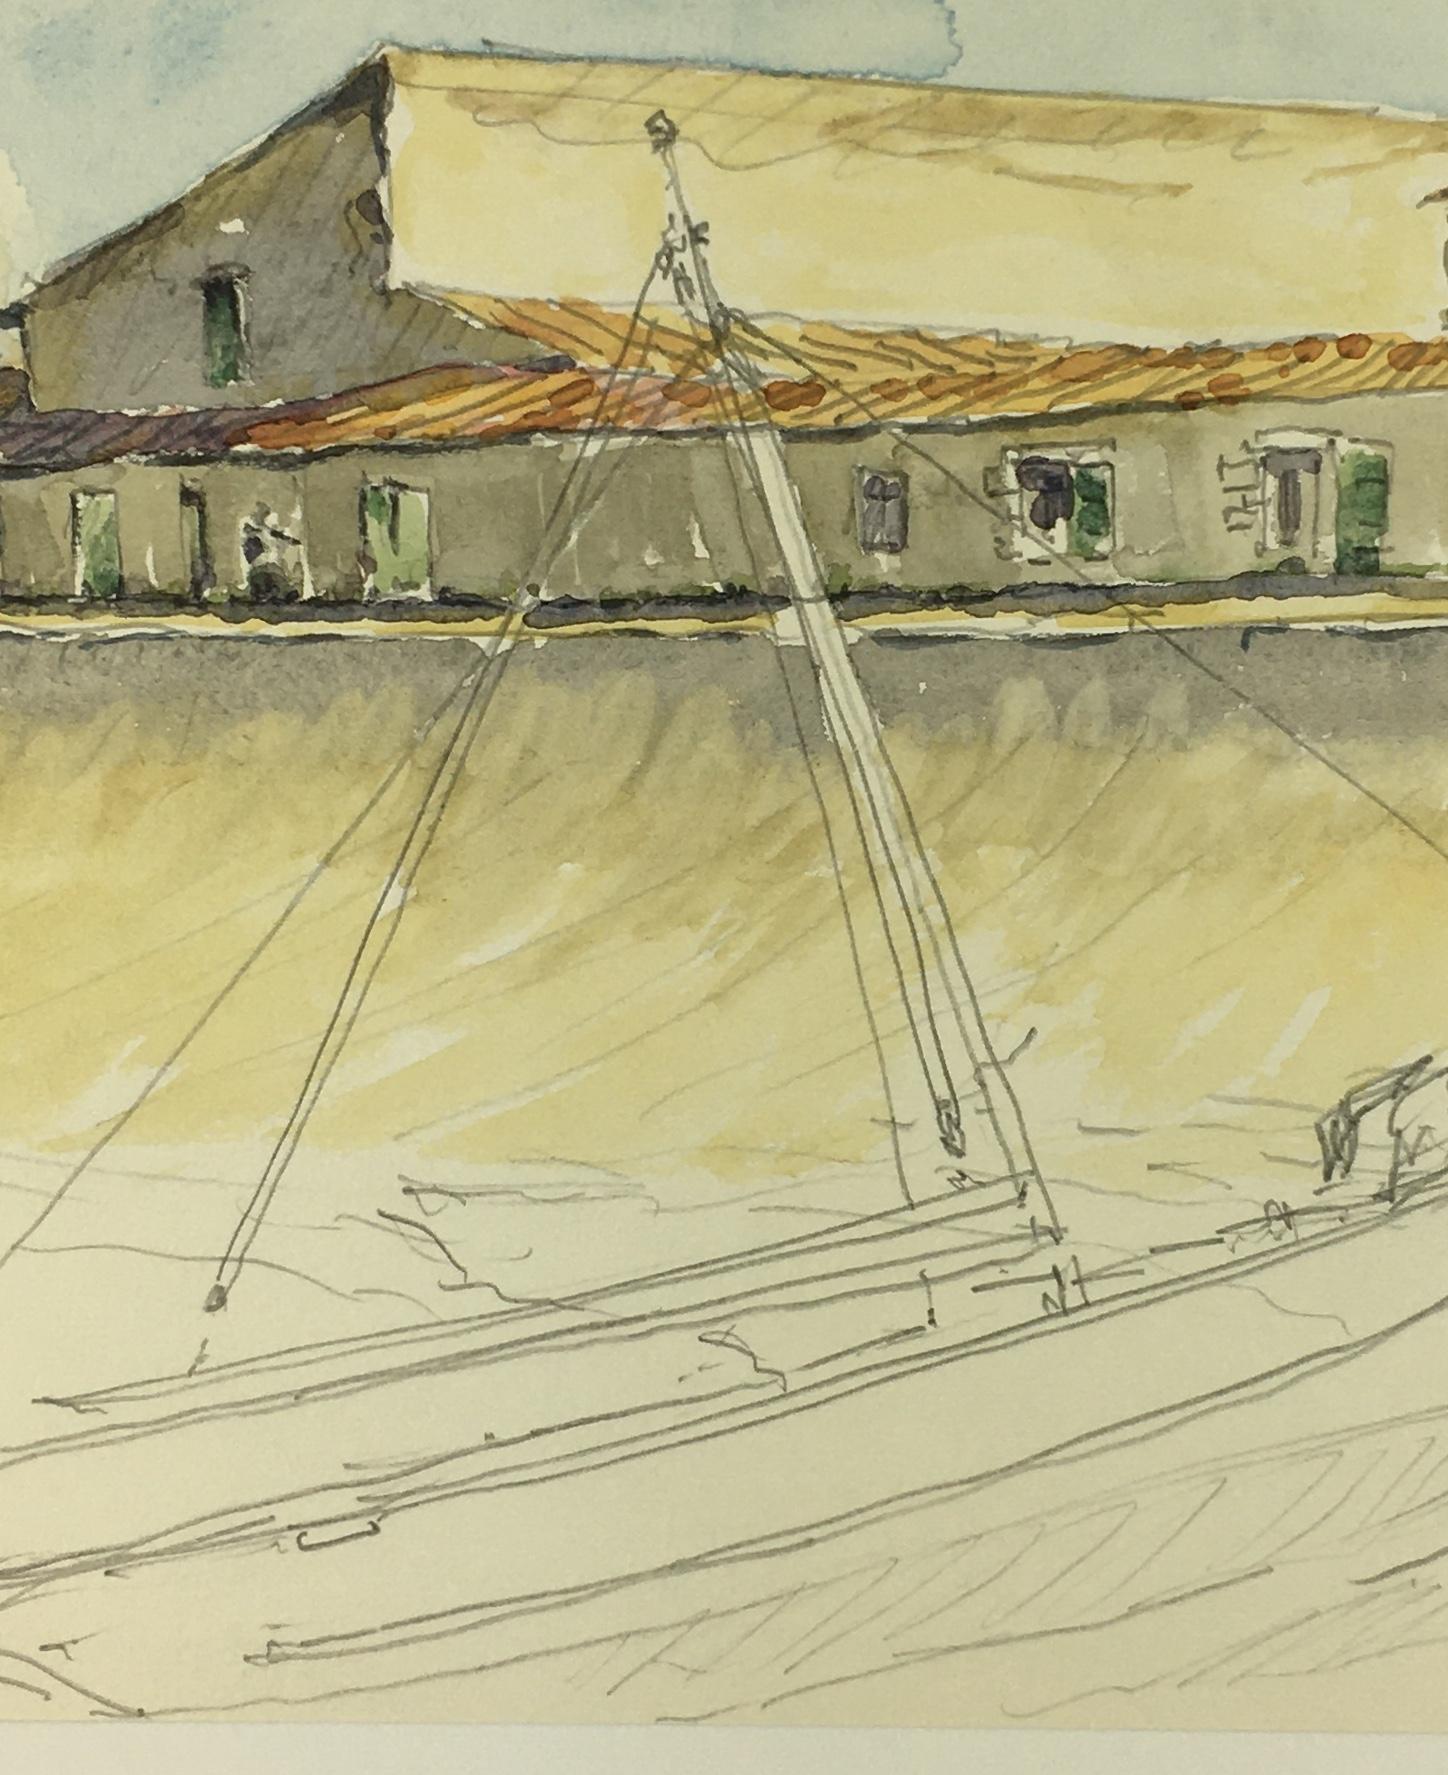 Maritime Original Art - Port, C. Groux, c.1940